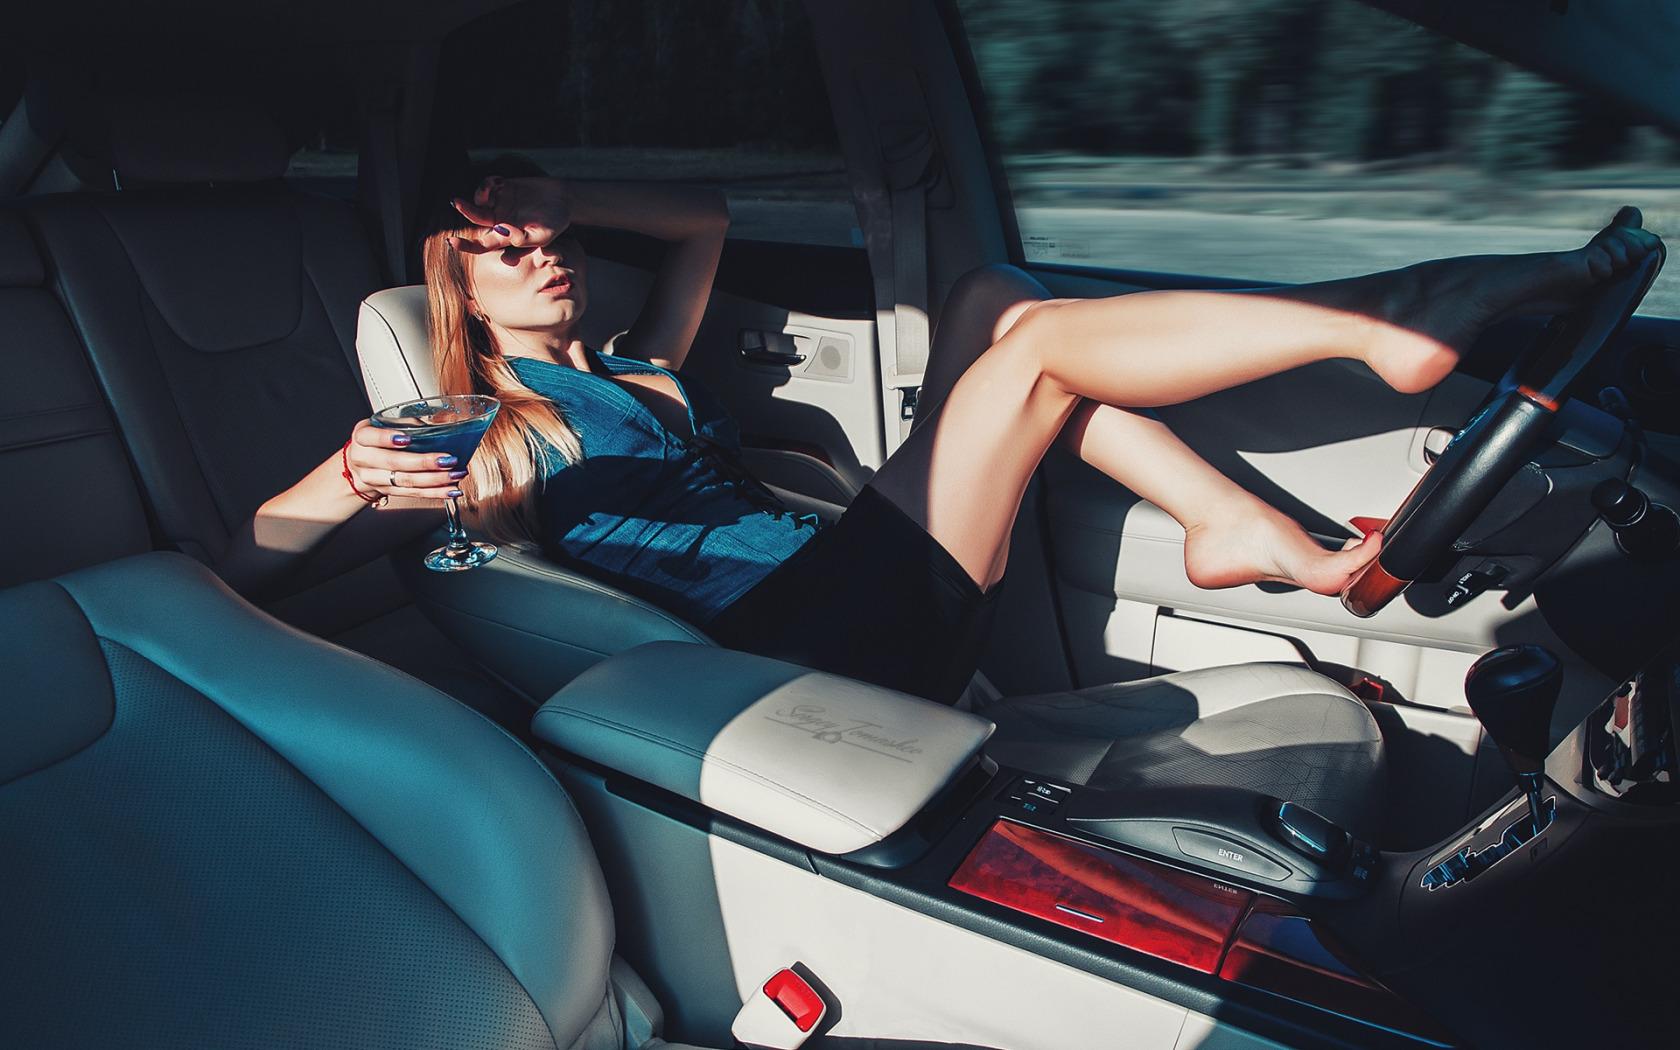 Расплата сексом за машину, За ремонт компьютера расплатилась своей жопой 21 фотография